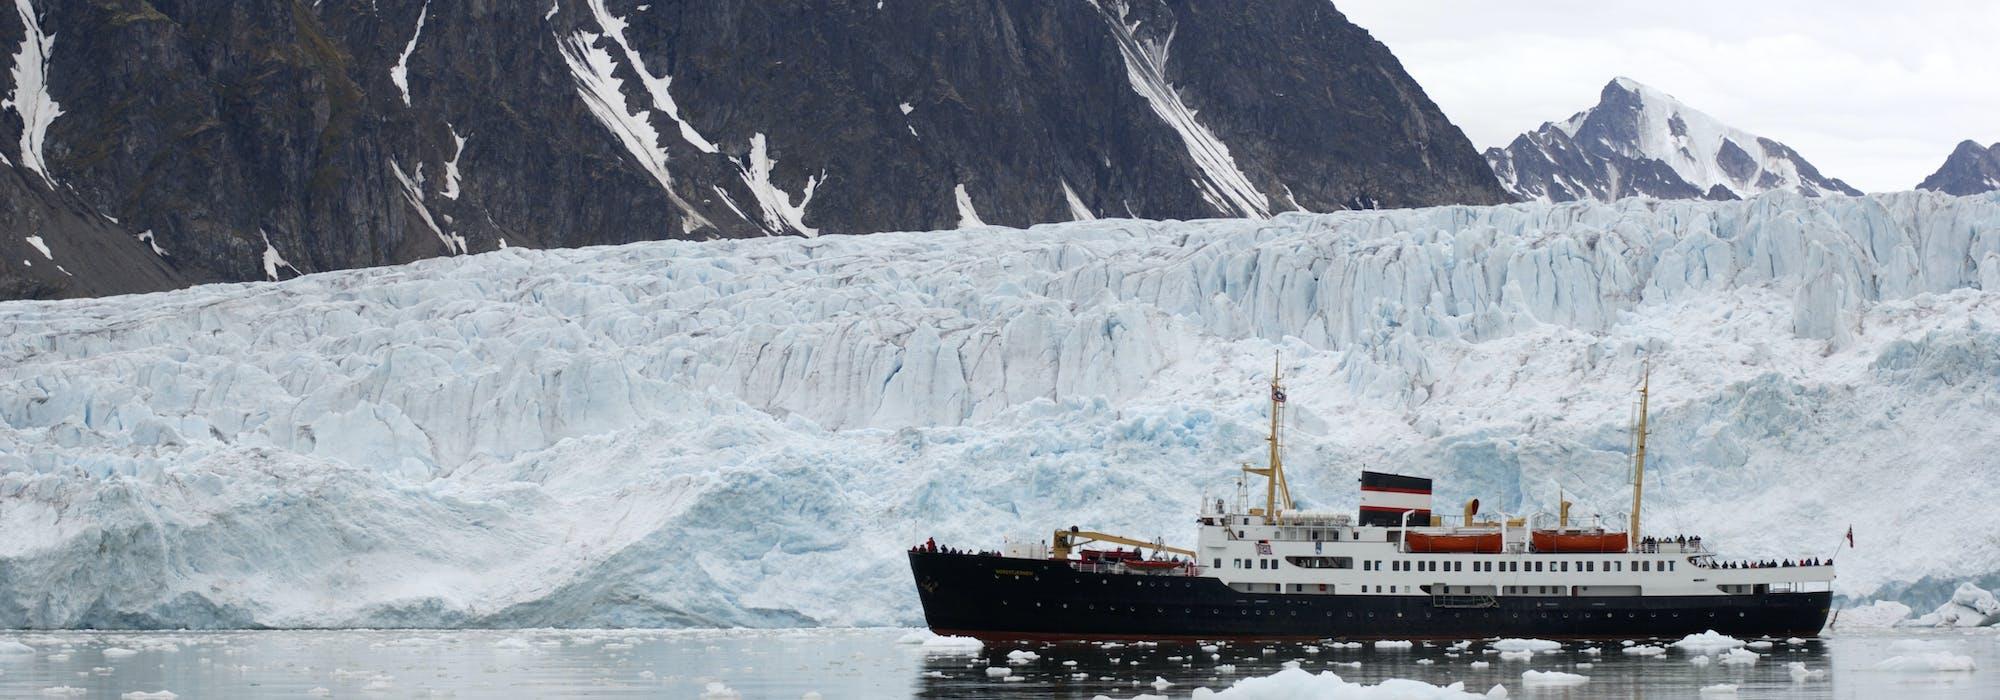 Fartyget MS Nordstjernen kryssar sig fram i islandskapet på Svalbard med isberg och snötäckta berg i bakgrunden.